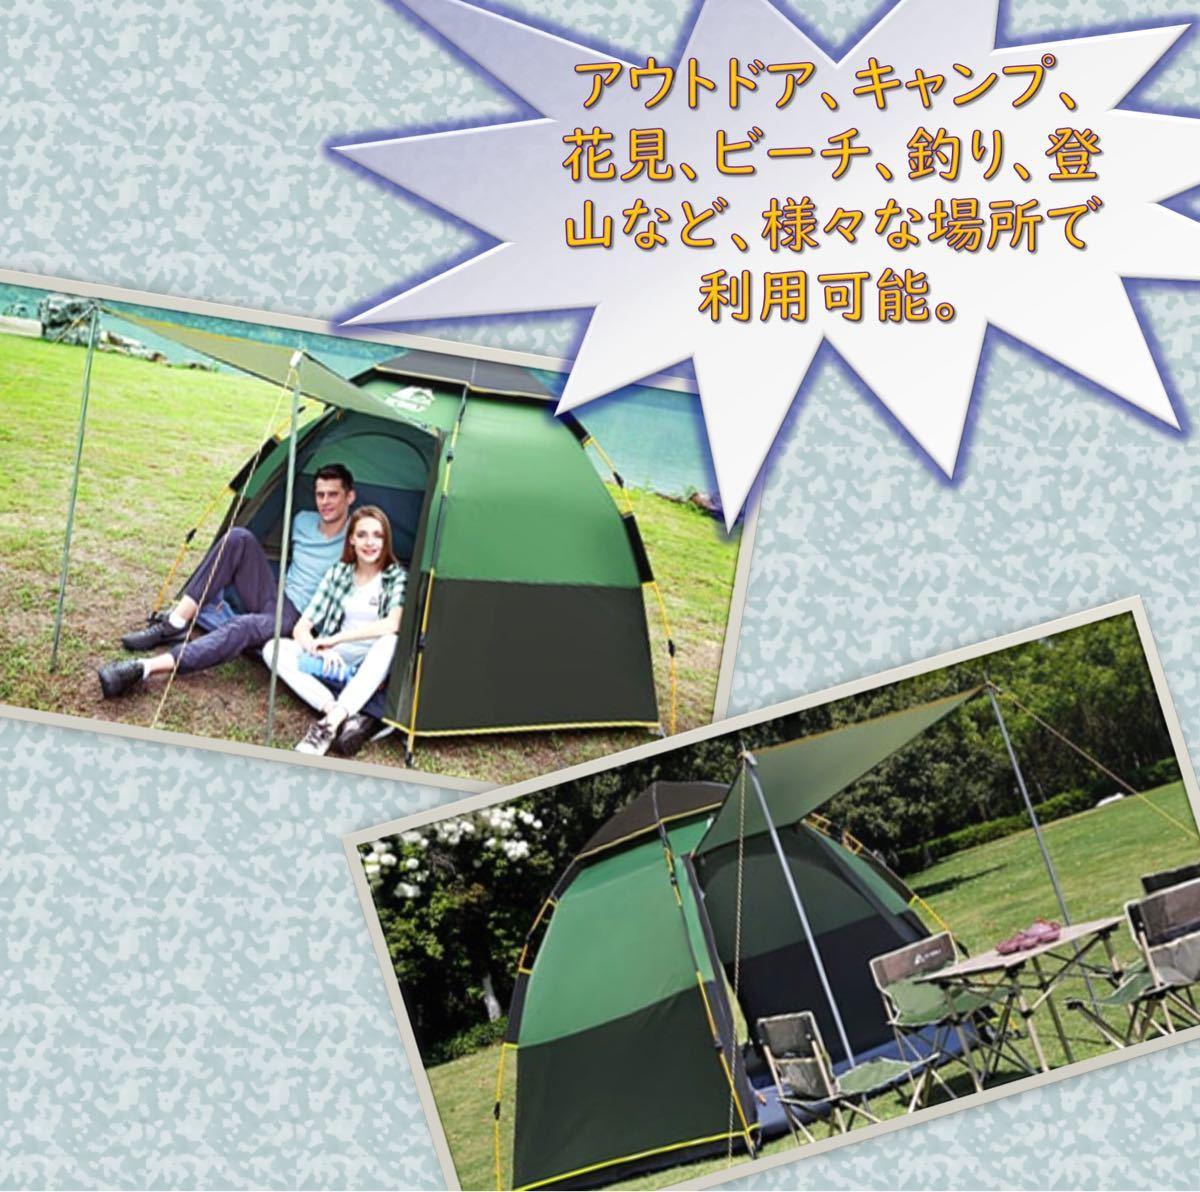 テント ワンタッチテント 3-4人用 3人 4人 アウトドア キャンプ